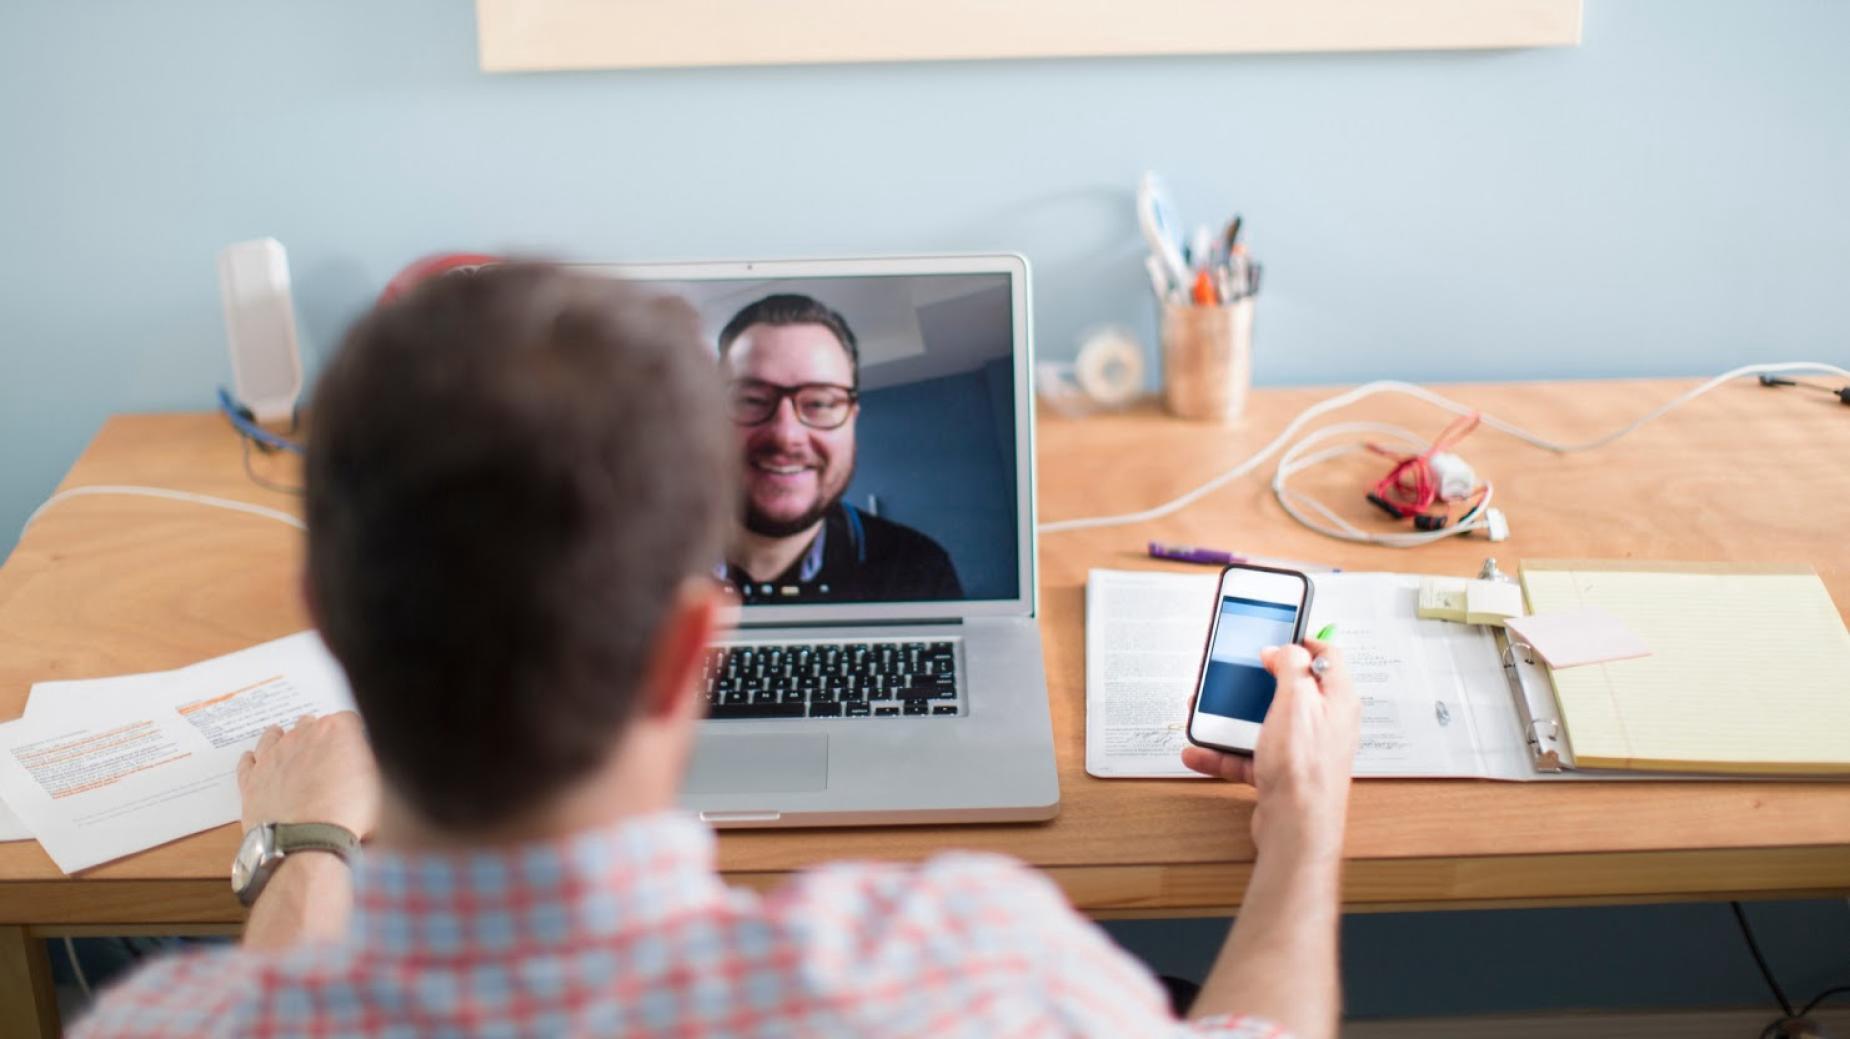 Τα Καλύτερα Εργαλεία Remote Working: Εφαρμογές Επικοινωνίας (Post 2 Από 4)